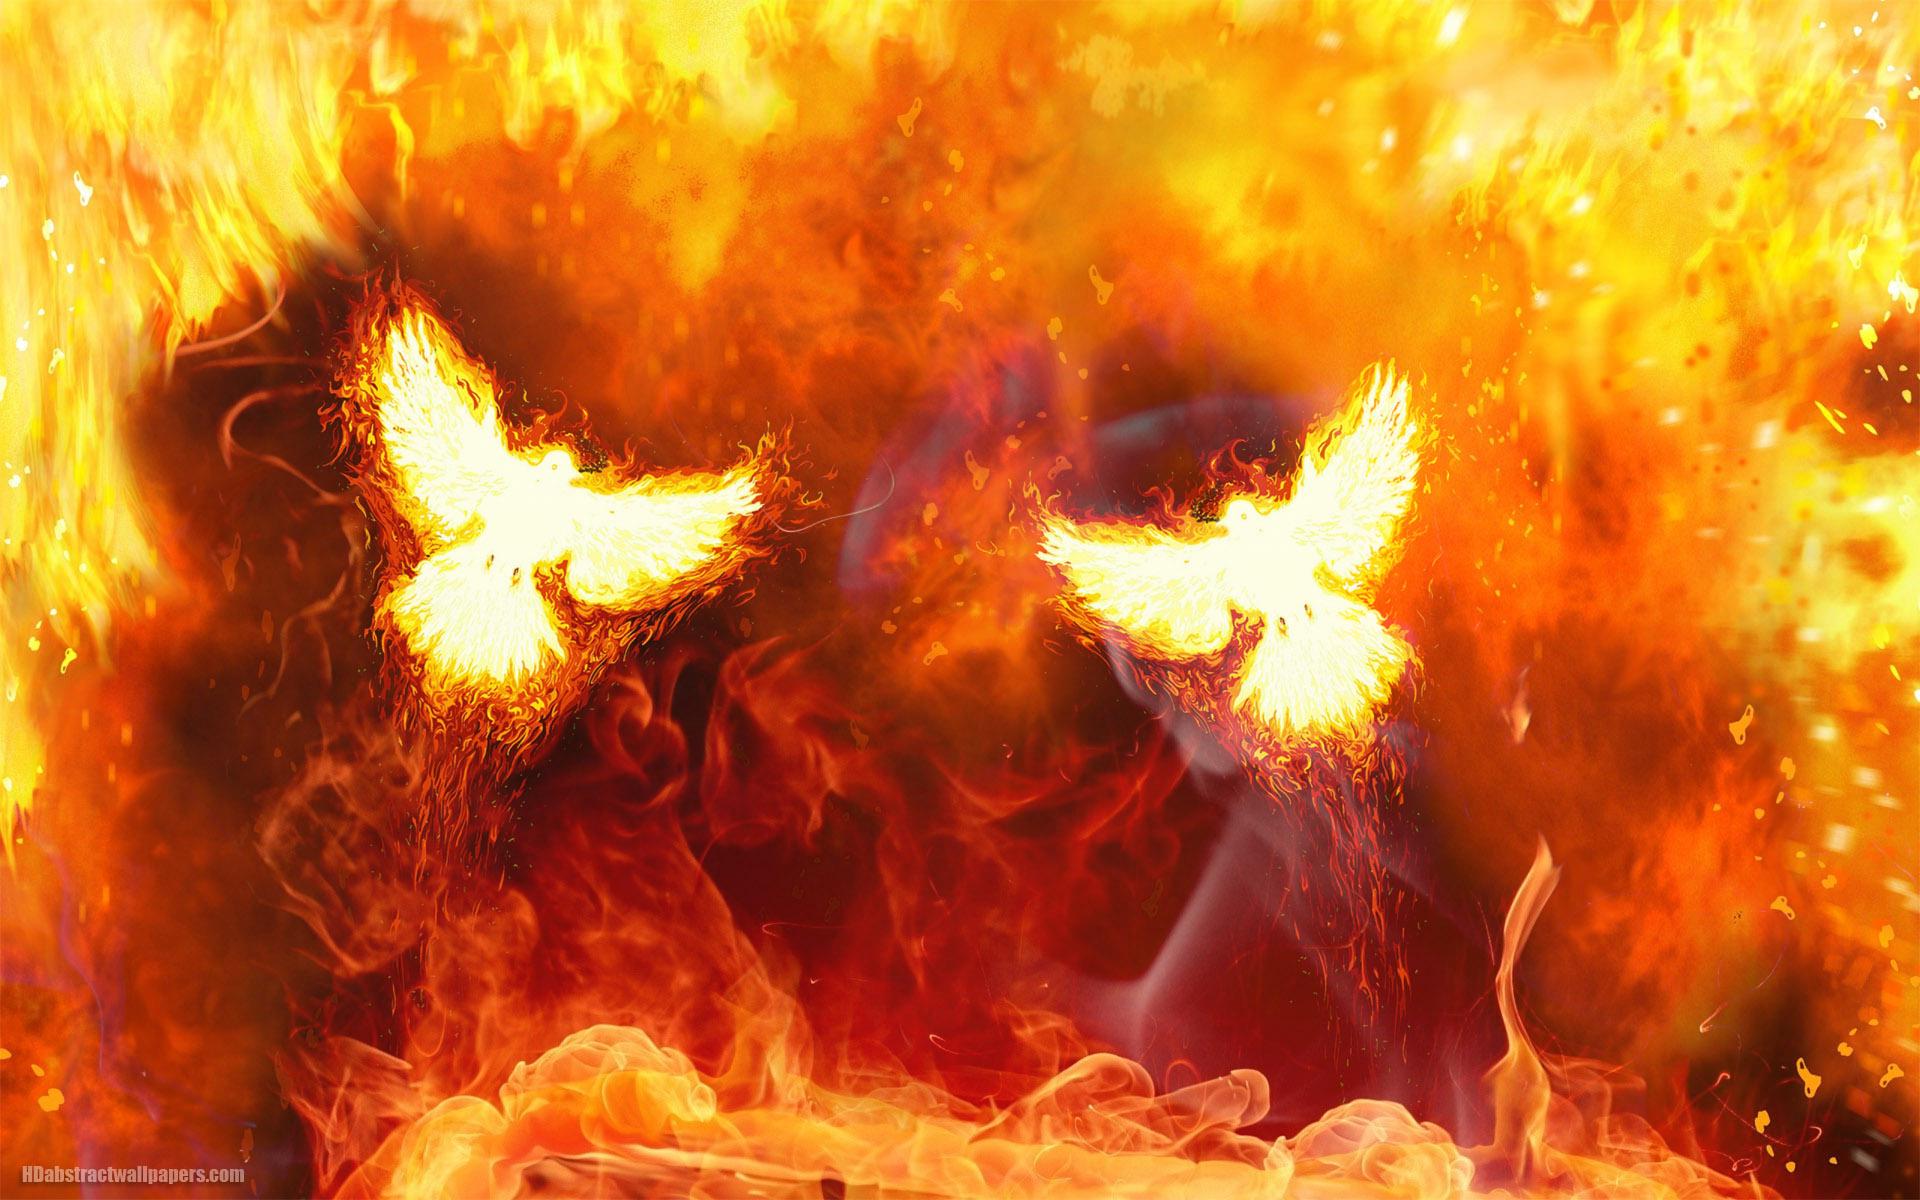 Hình ảnh ngọn lửa hình con chim